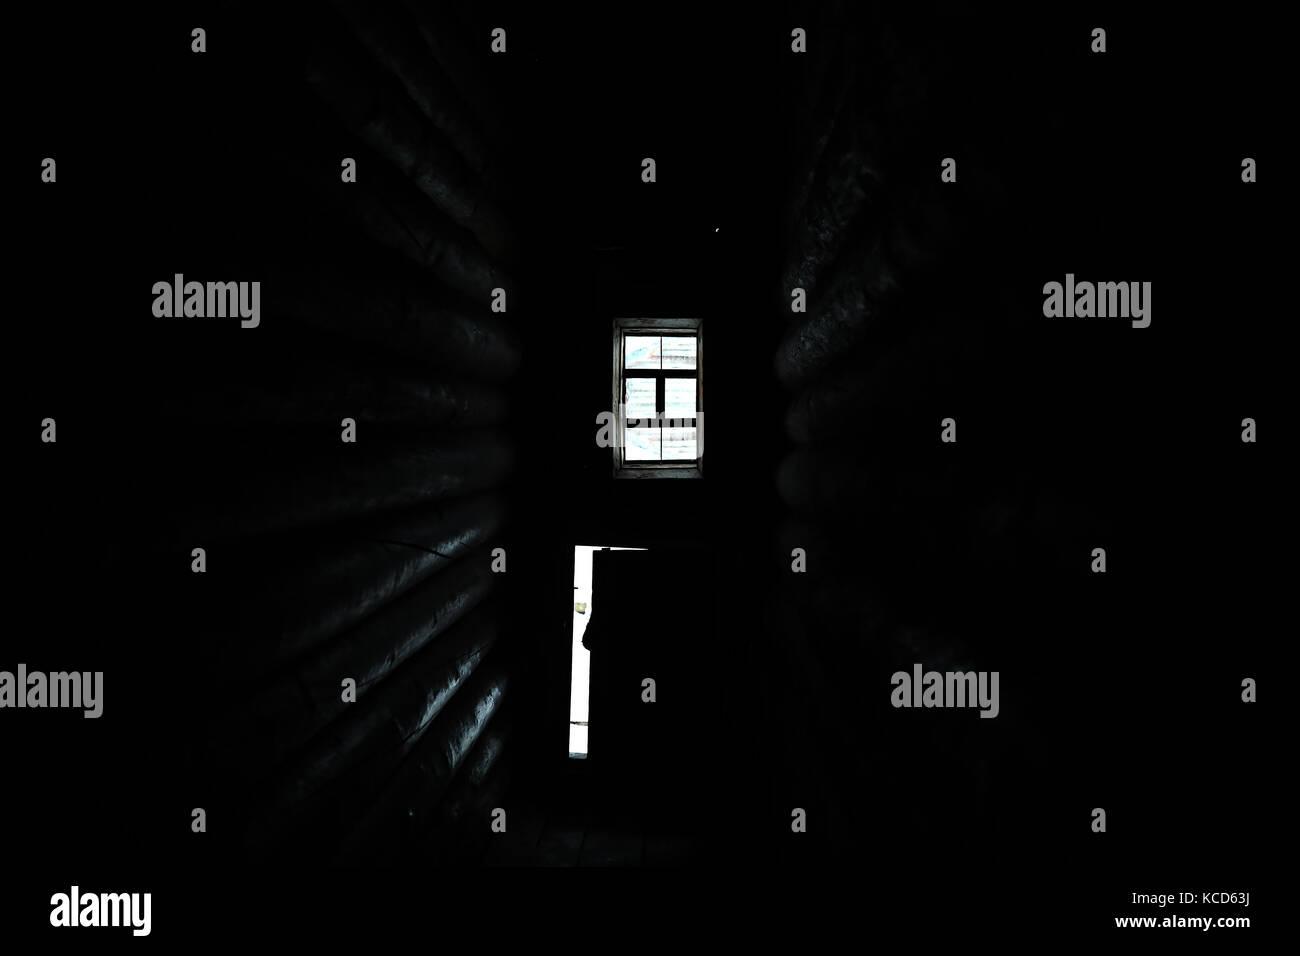 Cuarto Oscuro Imágenes De Stock & Cuarto Oscuro Fotos De Stock - Alamy